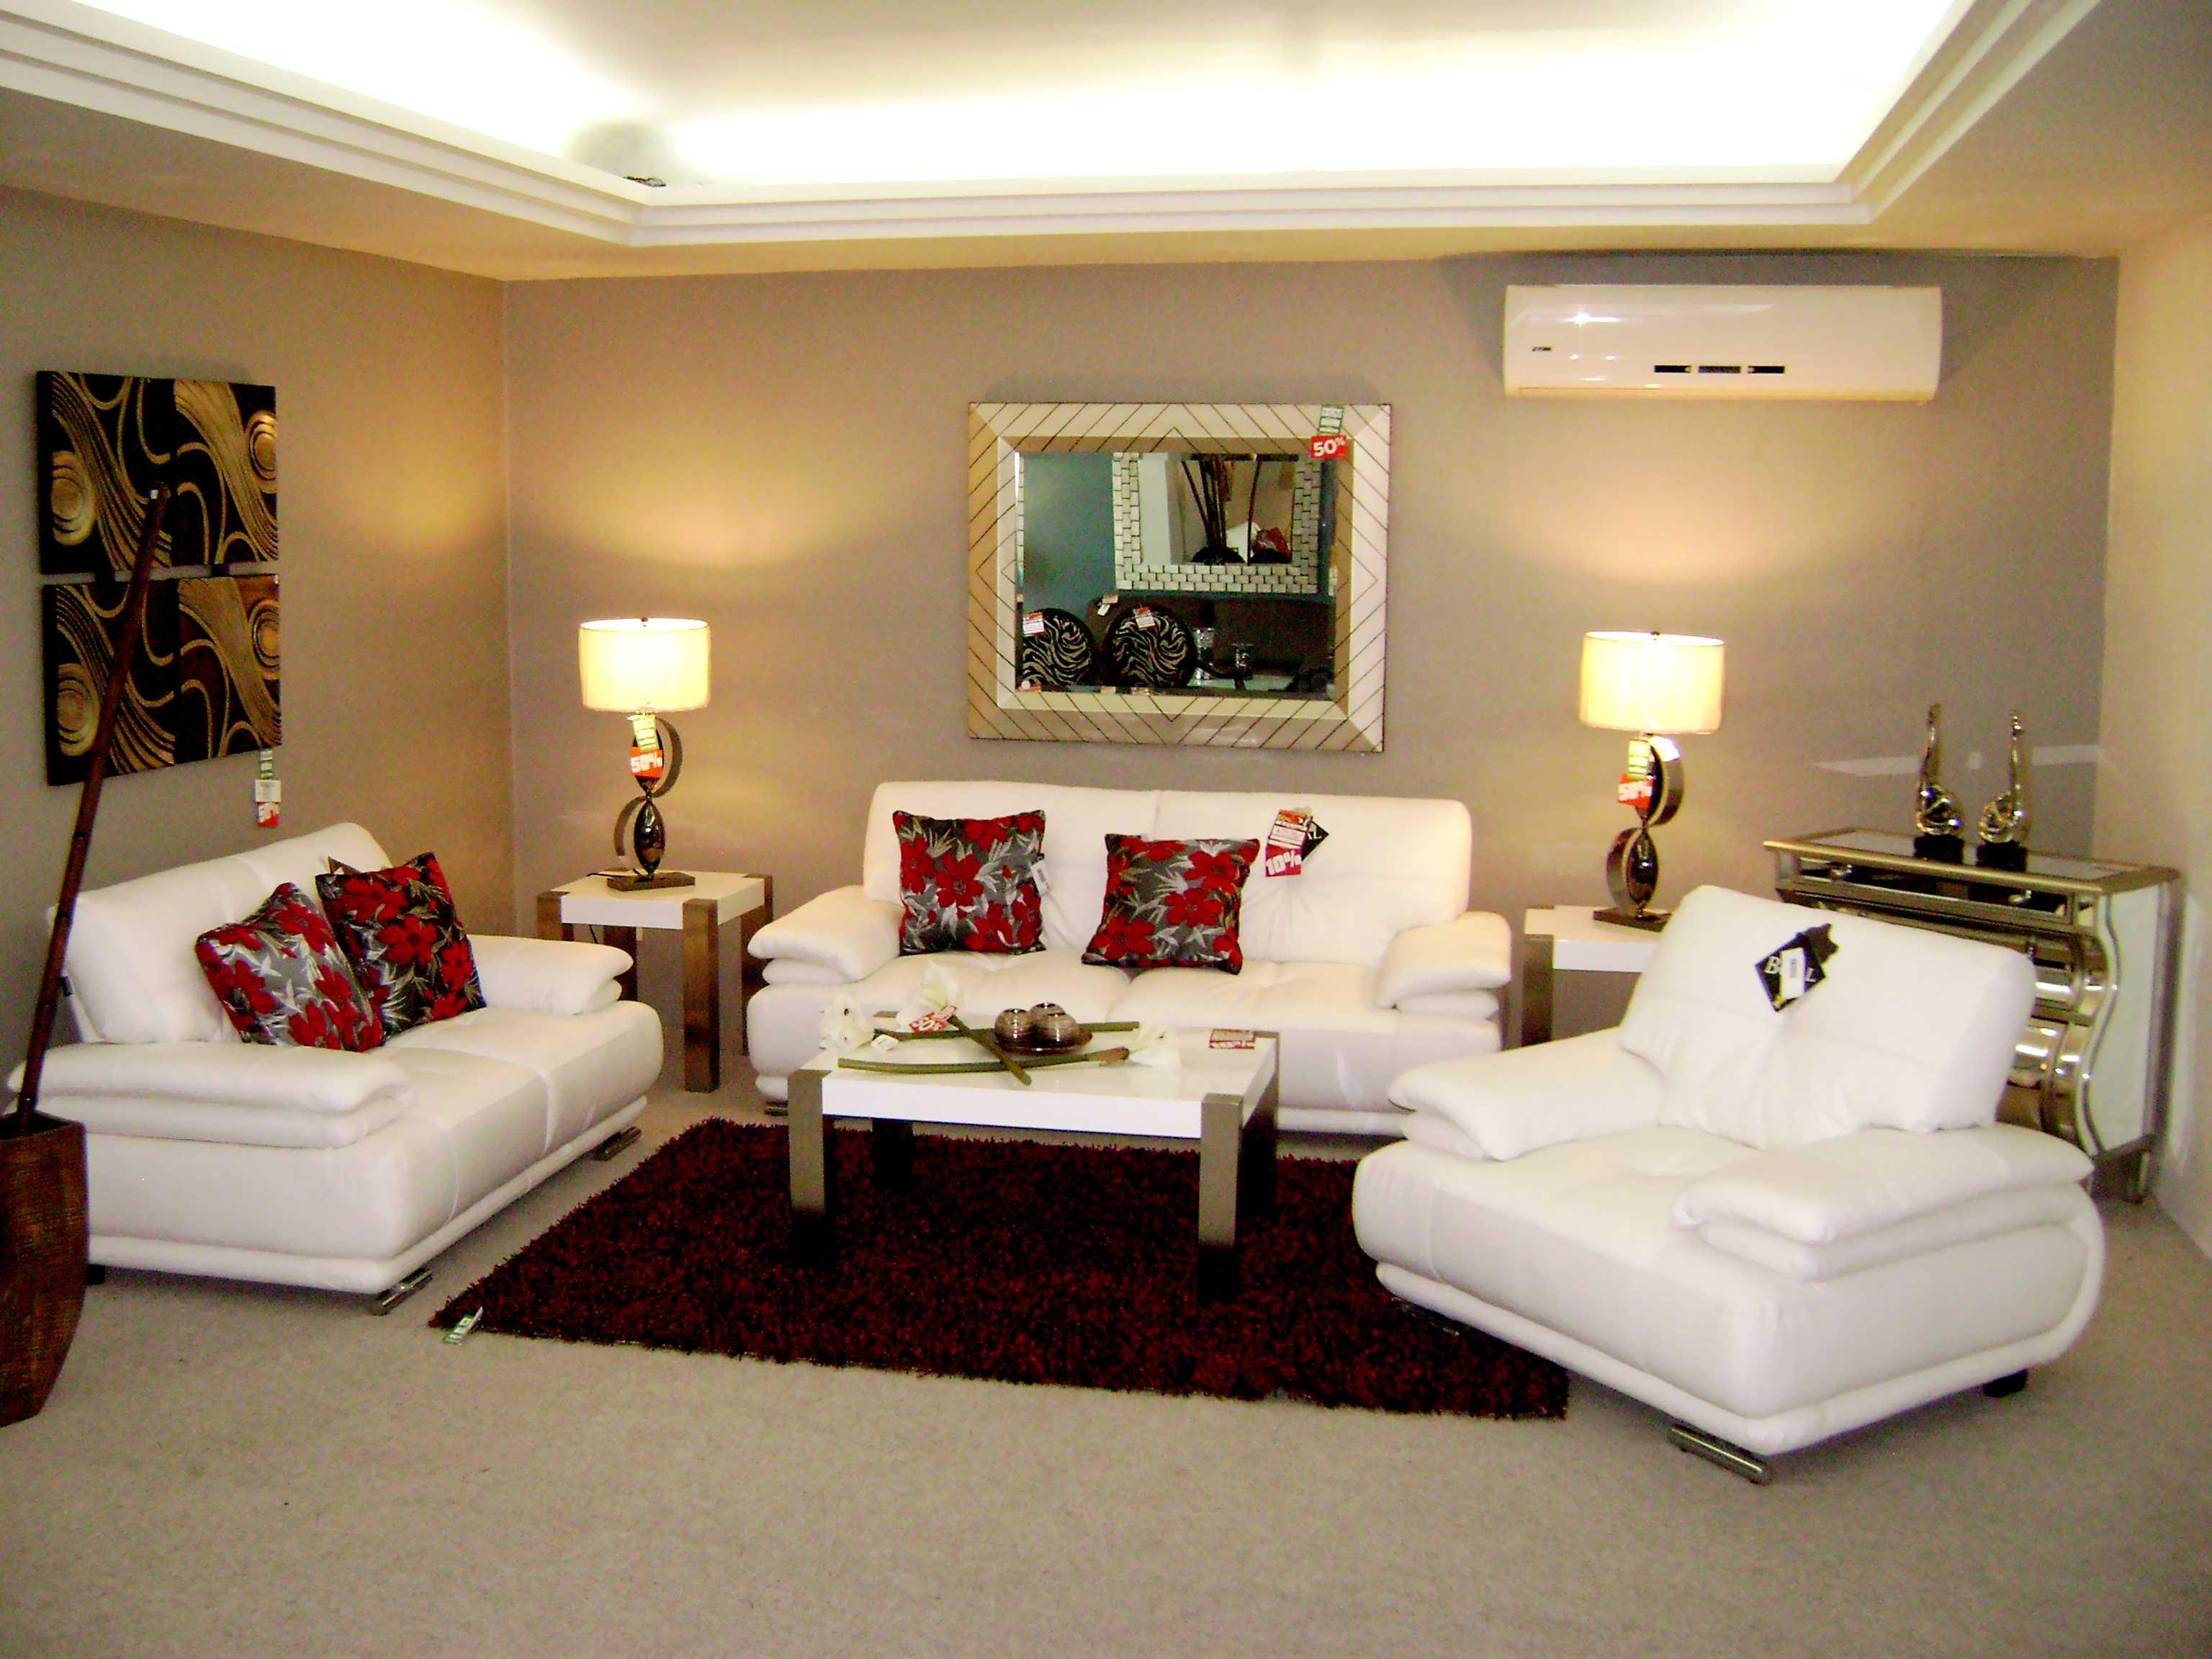 Interiores for Decoracion de interiores salas y comedor